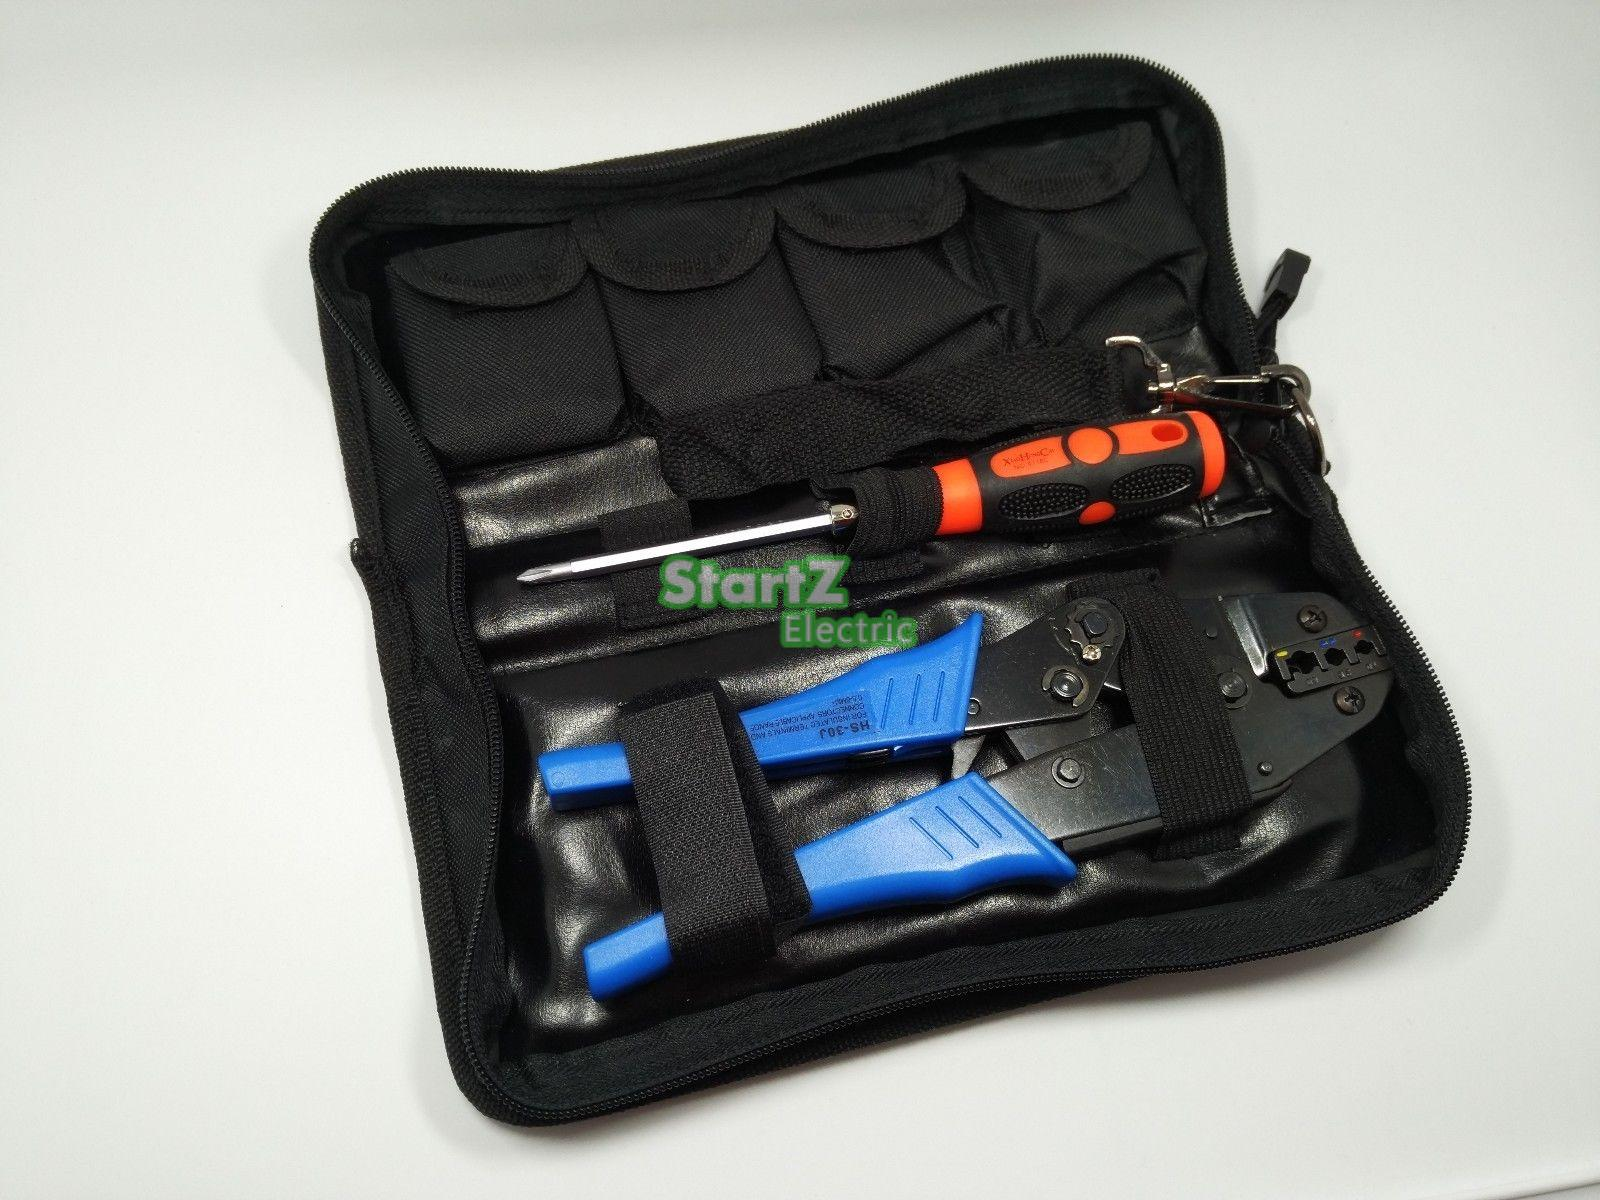 Attrezzo manuale a crimpare con kit di pressatura Kit crimpatura cricchetto per cavo filo piegatore elettricista